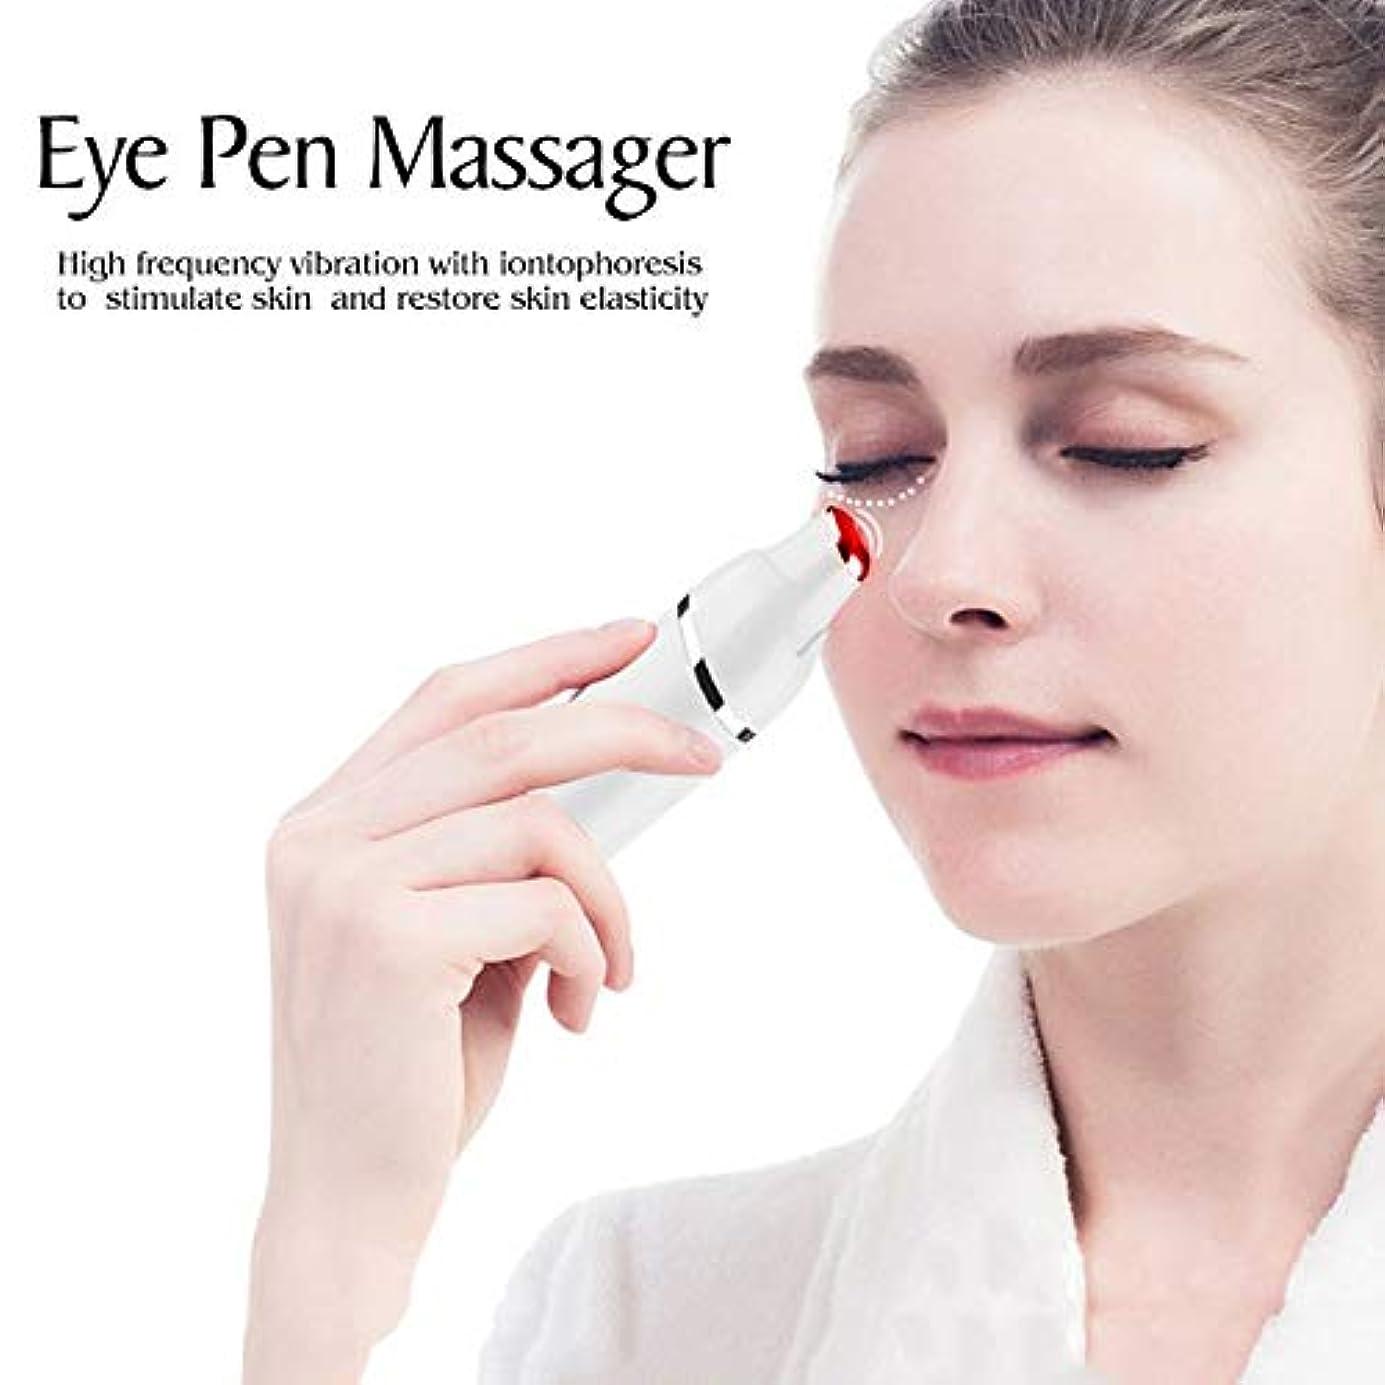 節約する下手栄光のソニックアイマッサージャー、目の疲れのための42℃加熱治療用ワンド、アイクリームを効果的に促進するためのアニオンの輸入